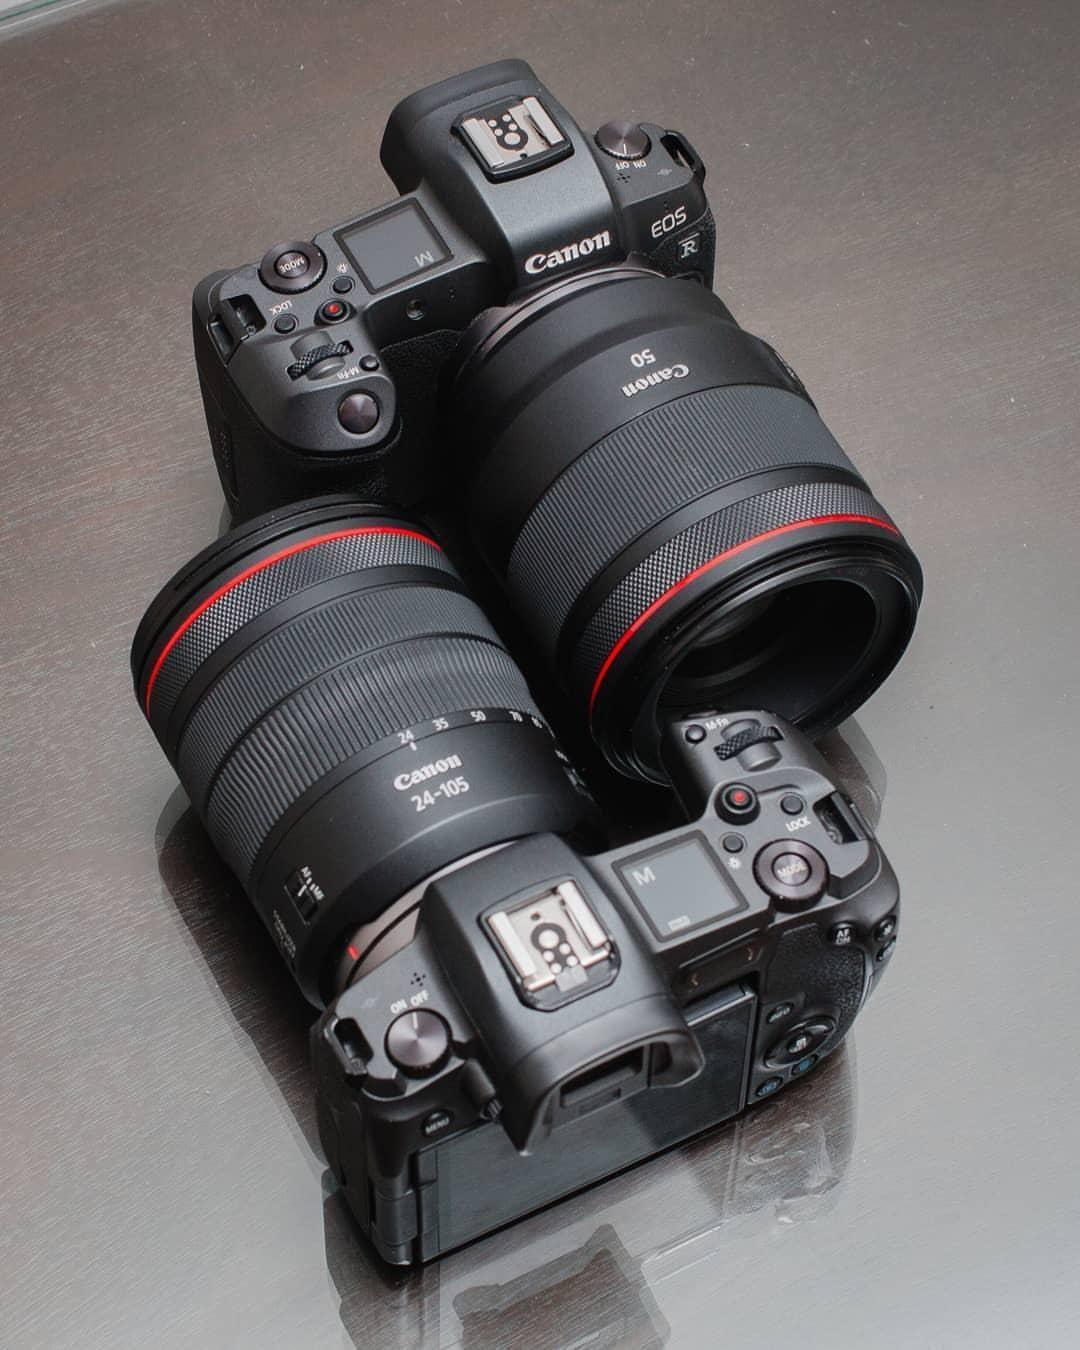 Canon Eos R Canon Rf 24 105mm F 4 Canon Eos R Canon Rf 50mm F 1 2 Camera Camera Photography Mirrorless Camera